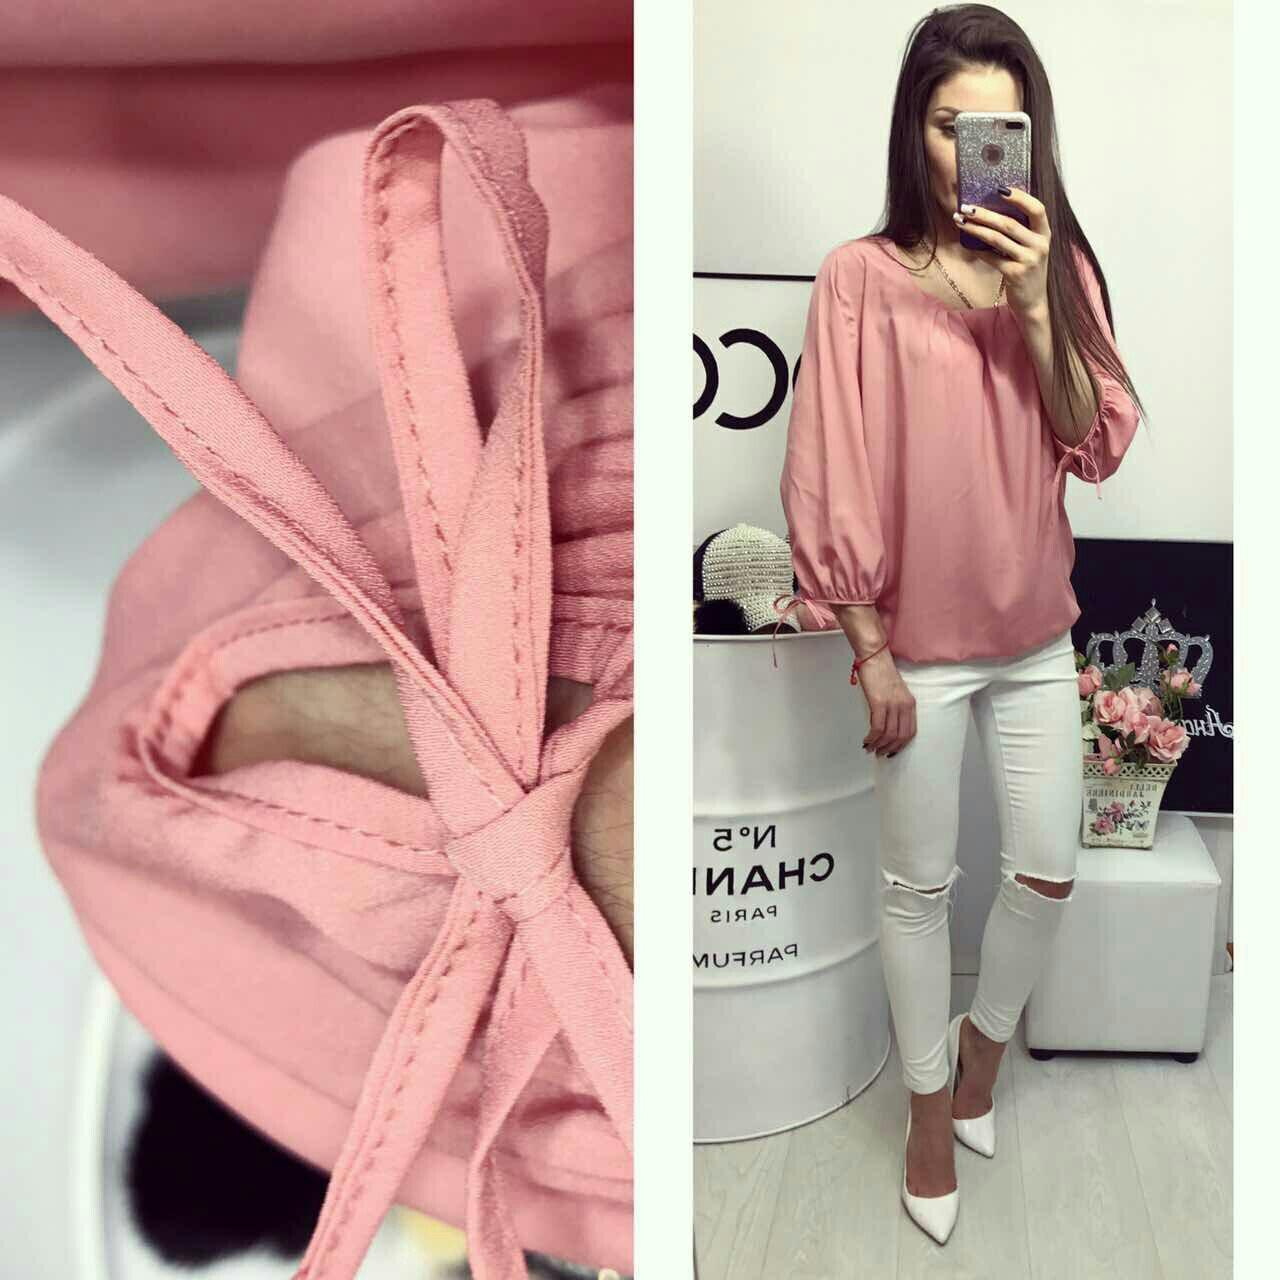 dd8a04cc809 Блузка арт 776 розовая - Интернет магазин женской одежды Khan в Одессе